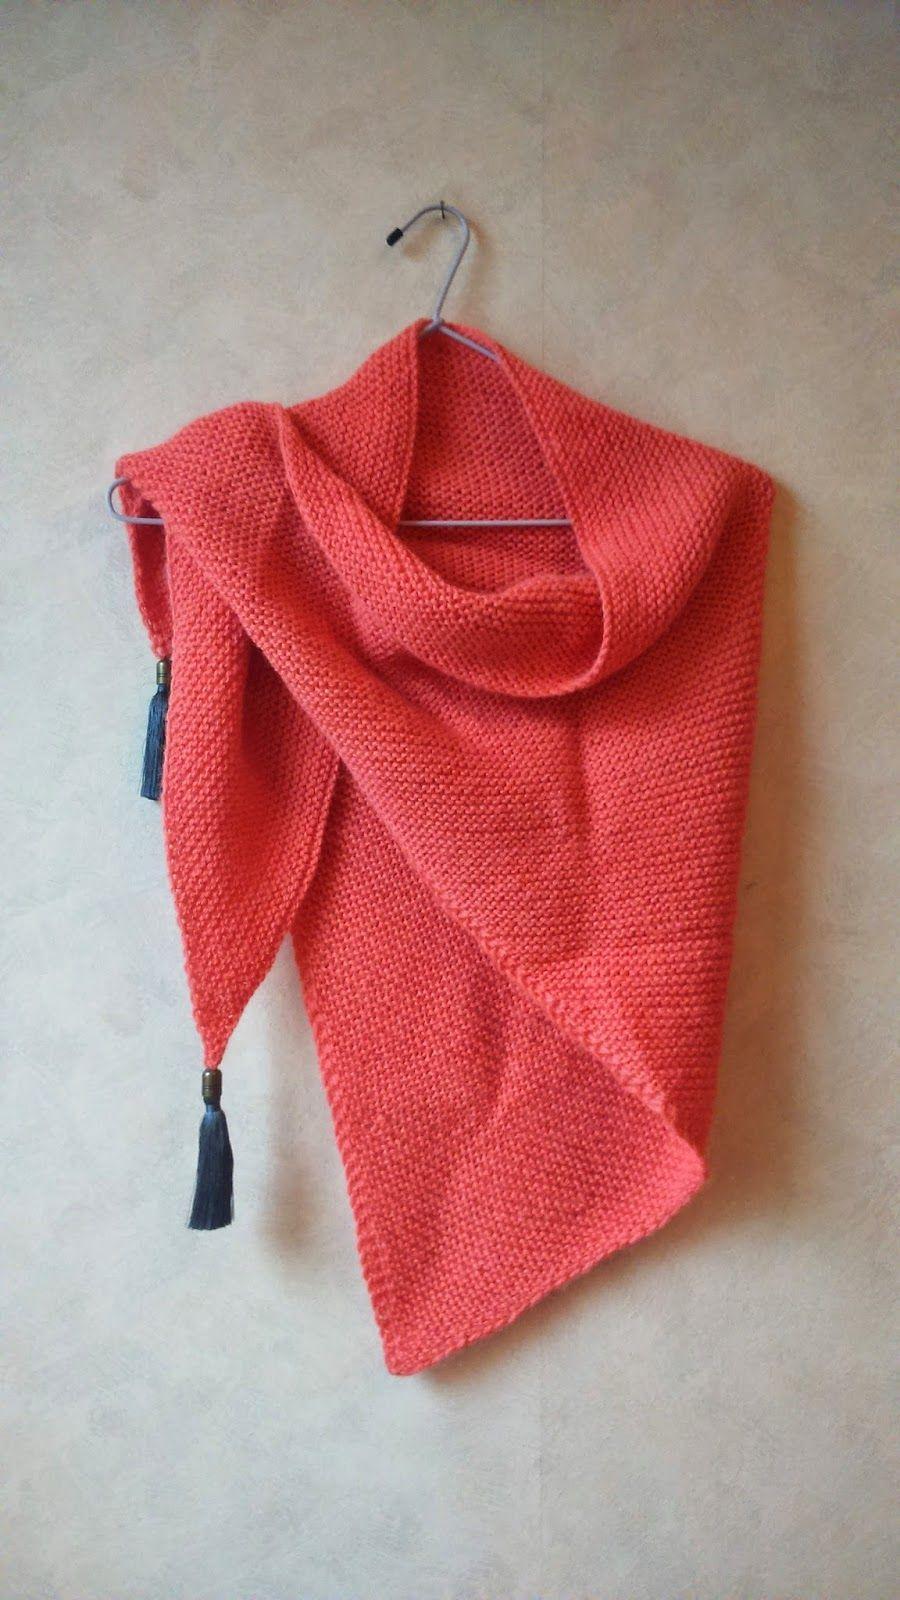 Quoi de mieux pour débuter en tricot qu un châle  Dès que je suis arrivée à  tricoter régulièrement du point endroit et du point envers, je . 85b8c10292e